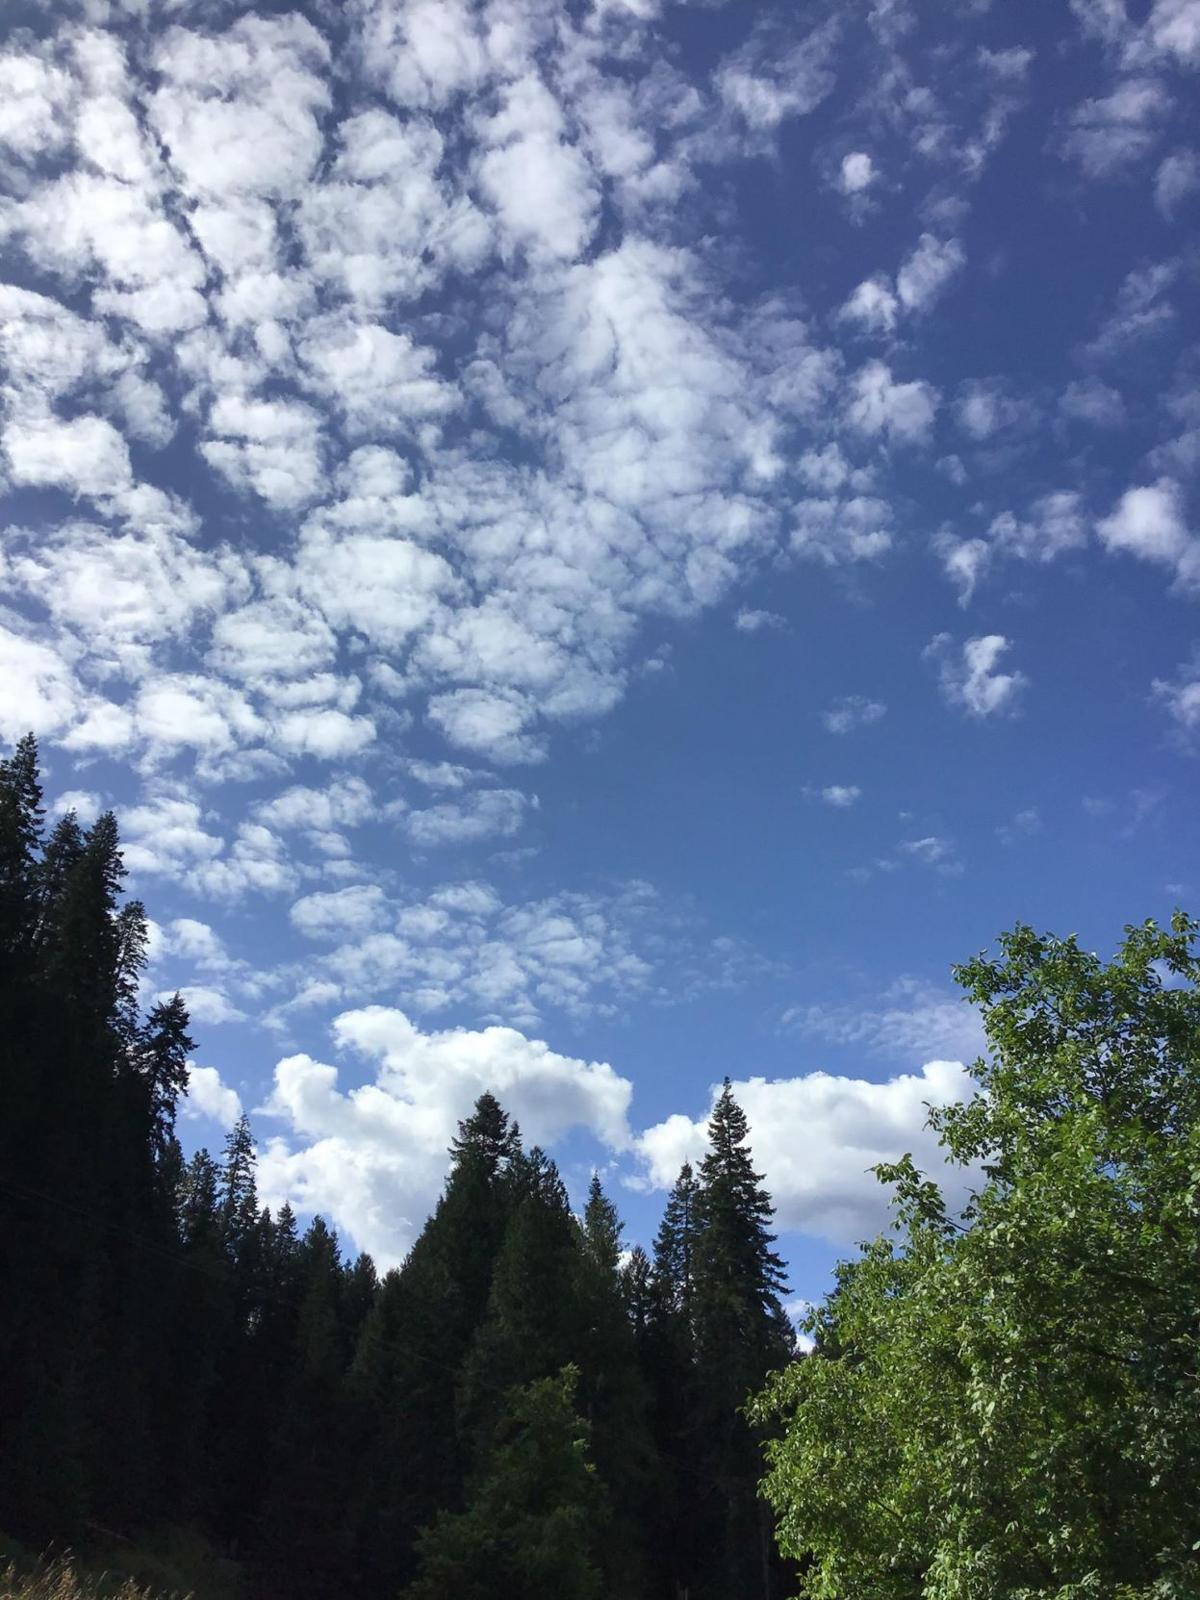 Blue skies in Lowell